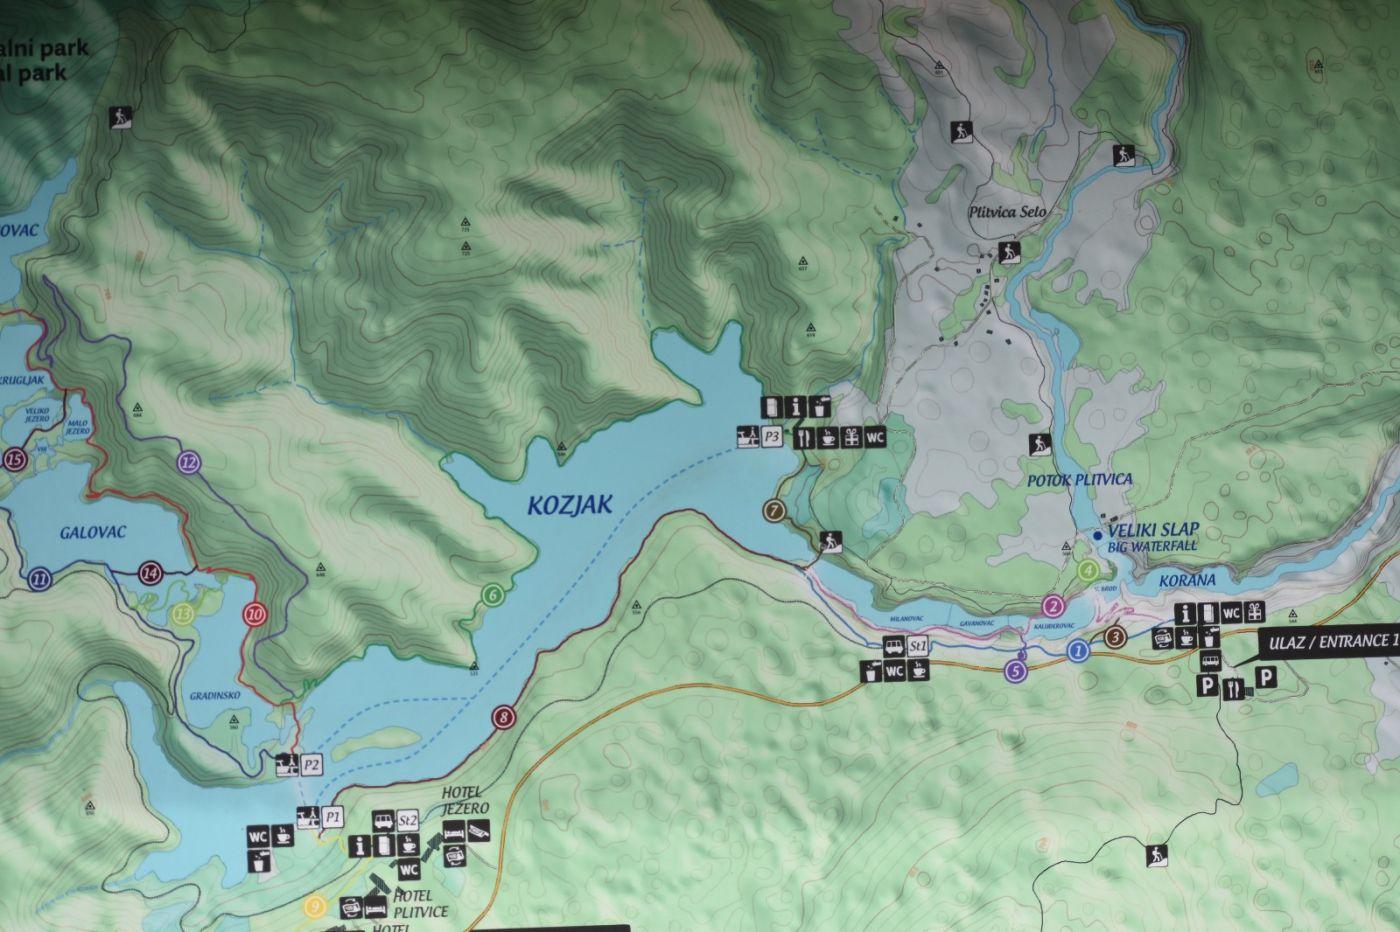 克羅地亞十六湖國家公園_圖1-34